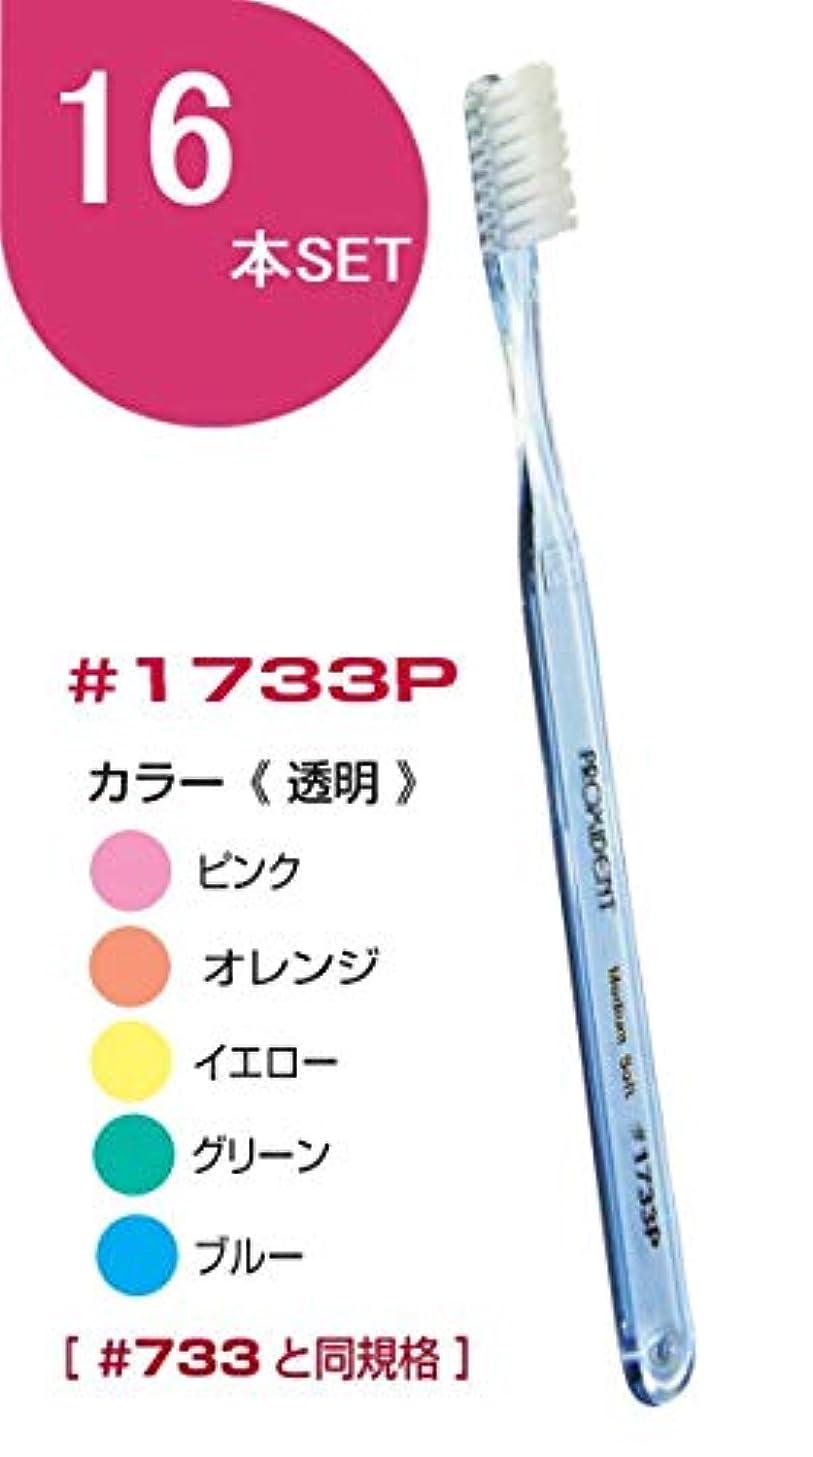 ラブ早く望まないプローデント プロキシデント スリムヘッド MS(ミディアムソフト) #1733P(#733と同規格) 歯ブラシ 16本